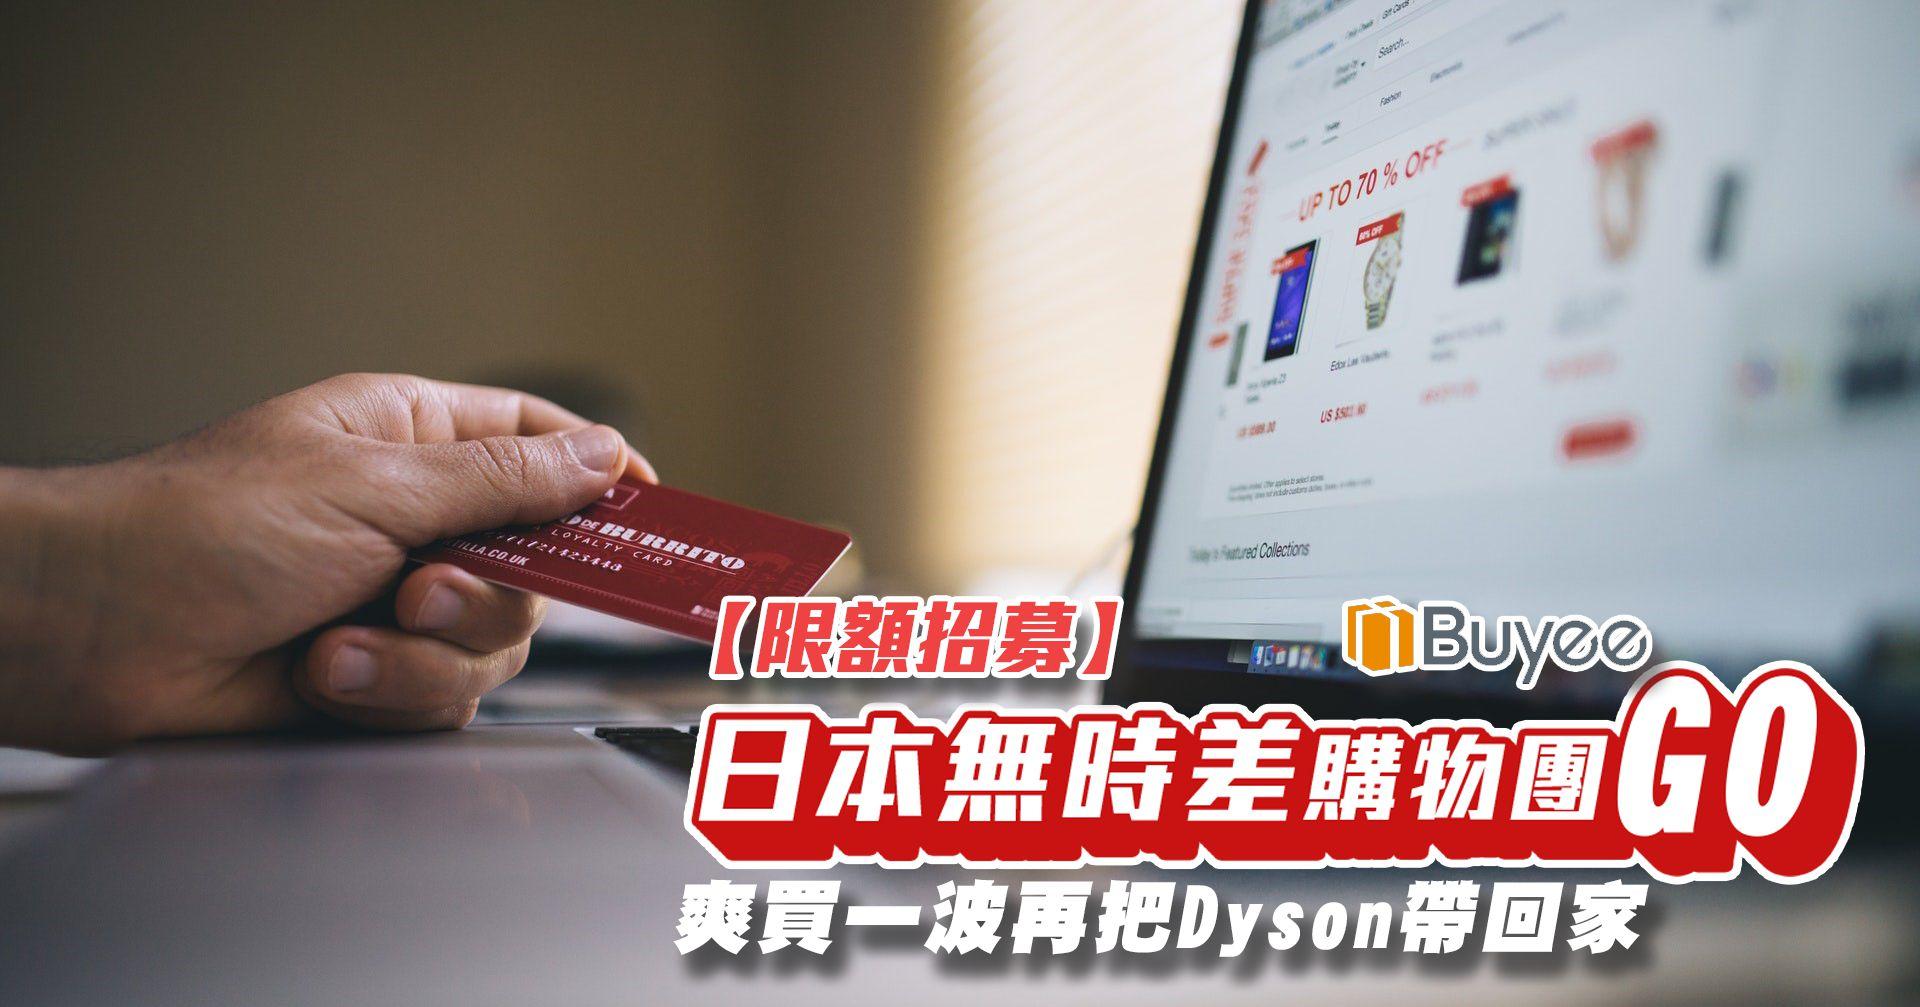 【限額招募】不能出國超難受!讓 Buyee 帶你去日本爽買一波 感受無時差的懶人購物法!